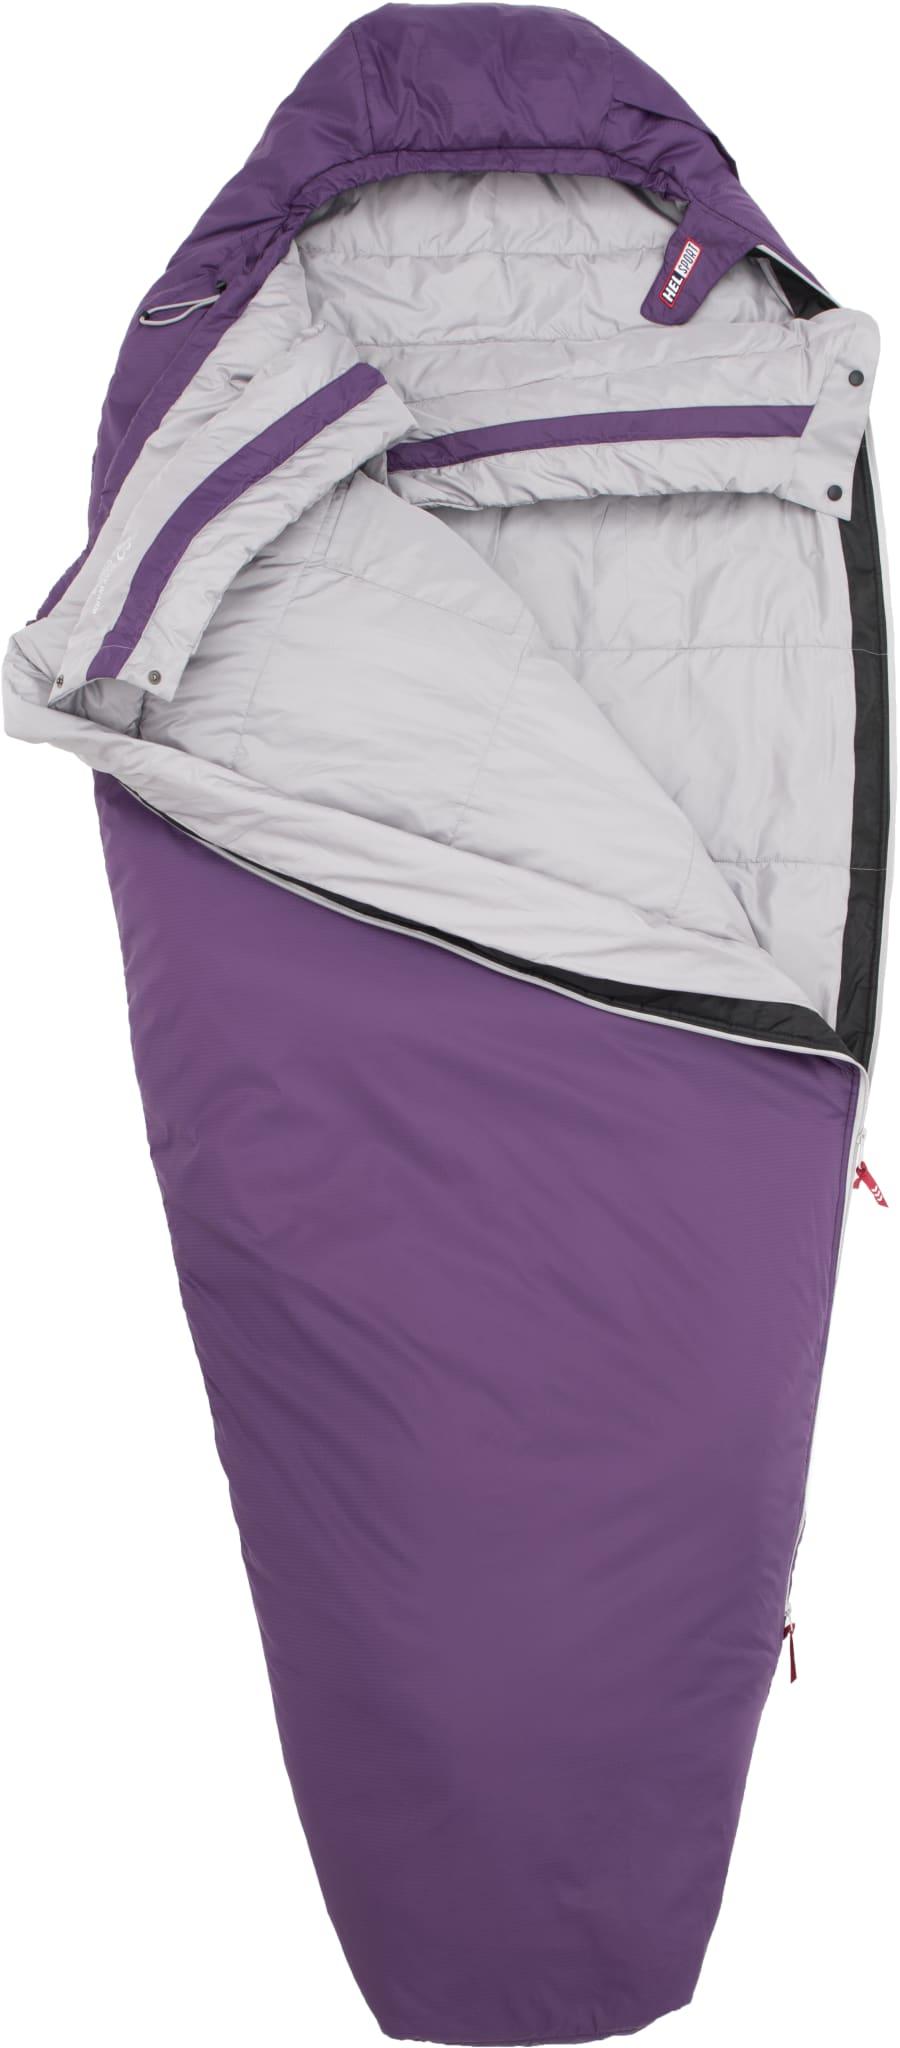 Lett og kompakt sovepose til dame for vår og sommer